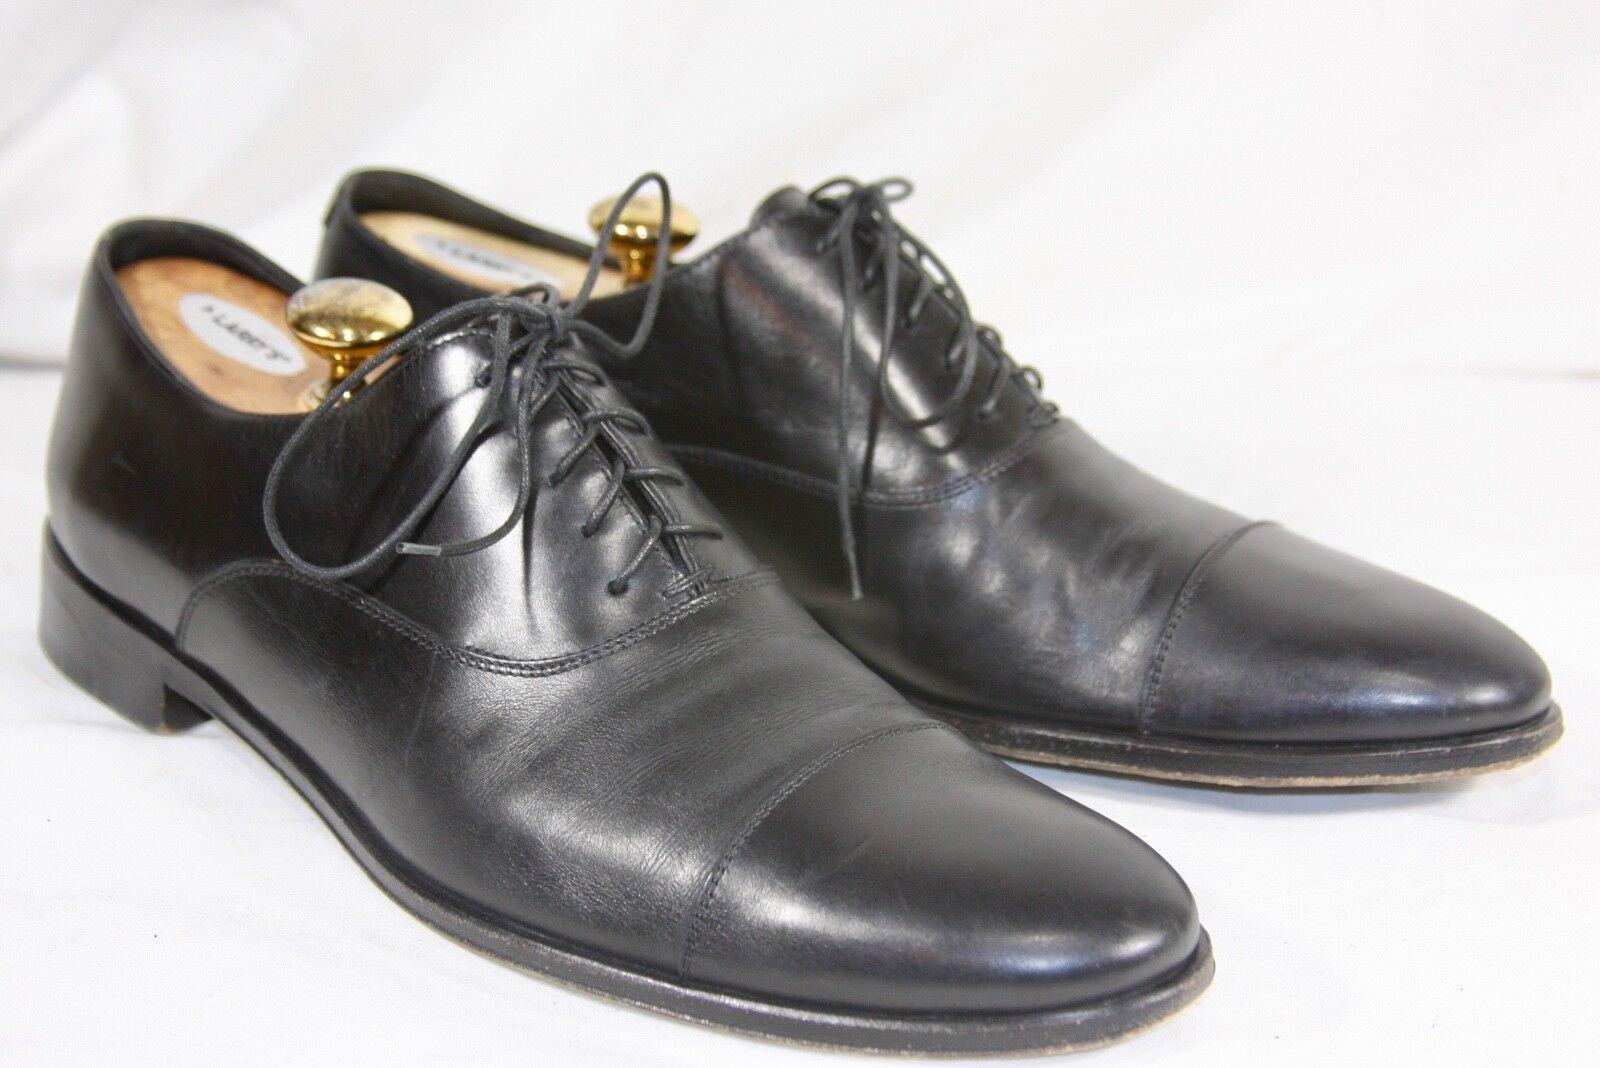 marche online vendita a basso costo  895 895 895 ERMENEGILDO ZEGNA nero Calf Cap-toe Balmoral Sz 11 D Dress scarpe  qualità ufficiale